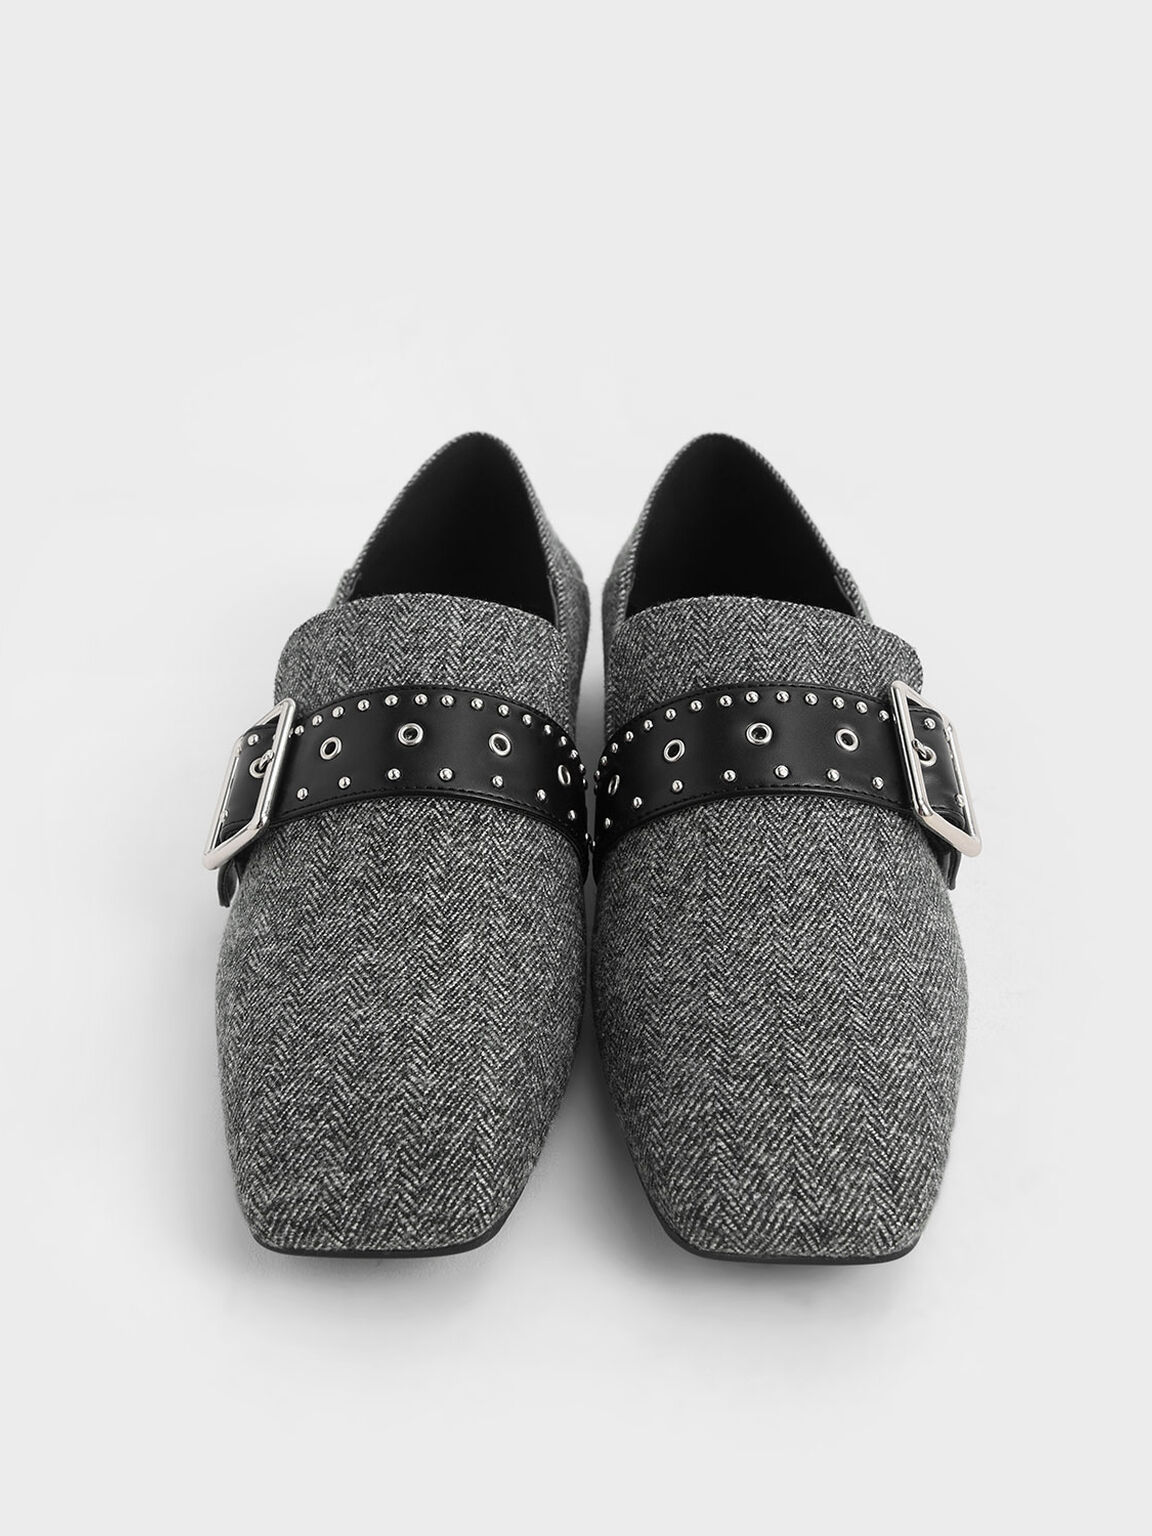 鉚釘帶樂福鞋, 深灰色, hi-res